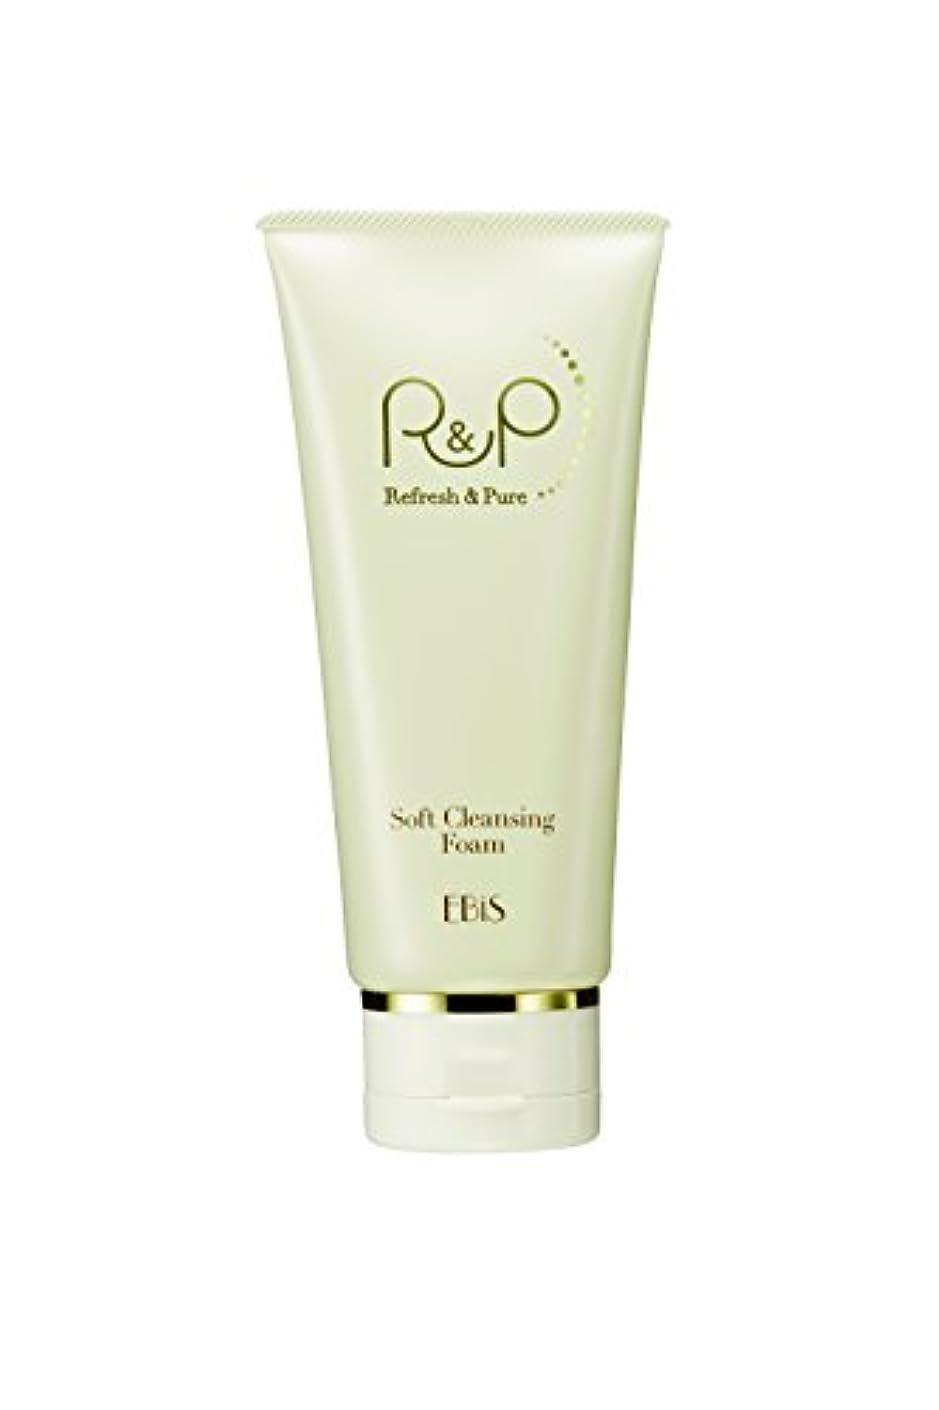 ペグ病院証明するエビス化粧品(EBiS) R&Pソフトクレンジングフォーム100g 泥洗顔 洗顔フォーム 高級クレイ使用 ノンアルコール